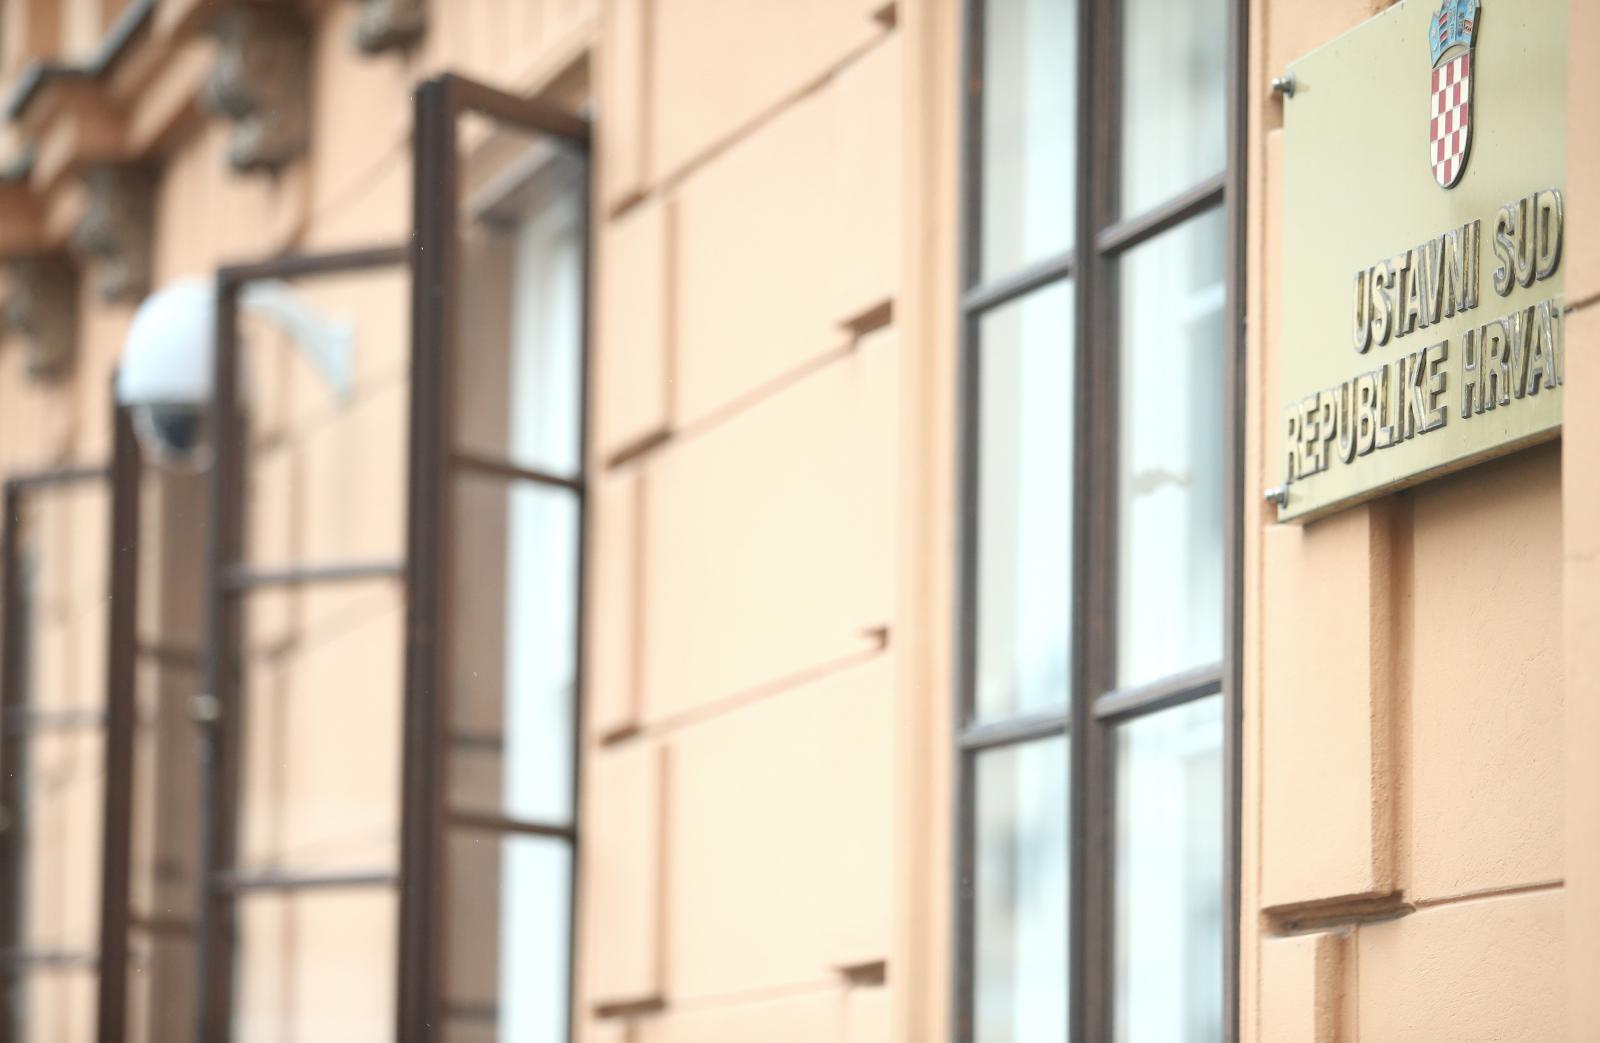 Ustavni sud odbio tvrdnje Blaža Curića da su mu zatvaranjem povrijeđena ustavna prava